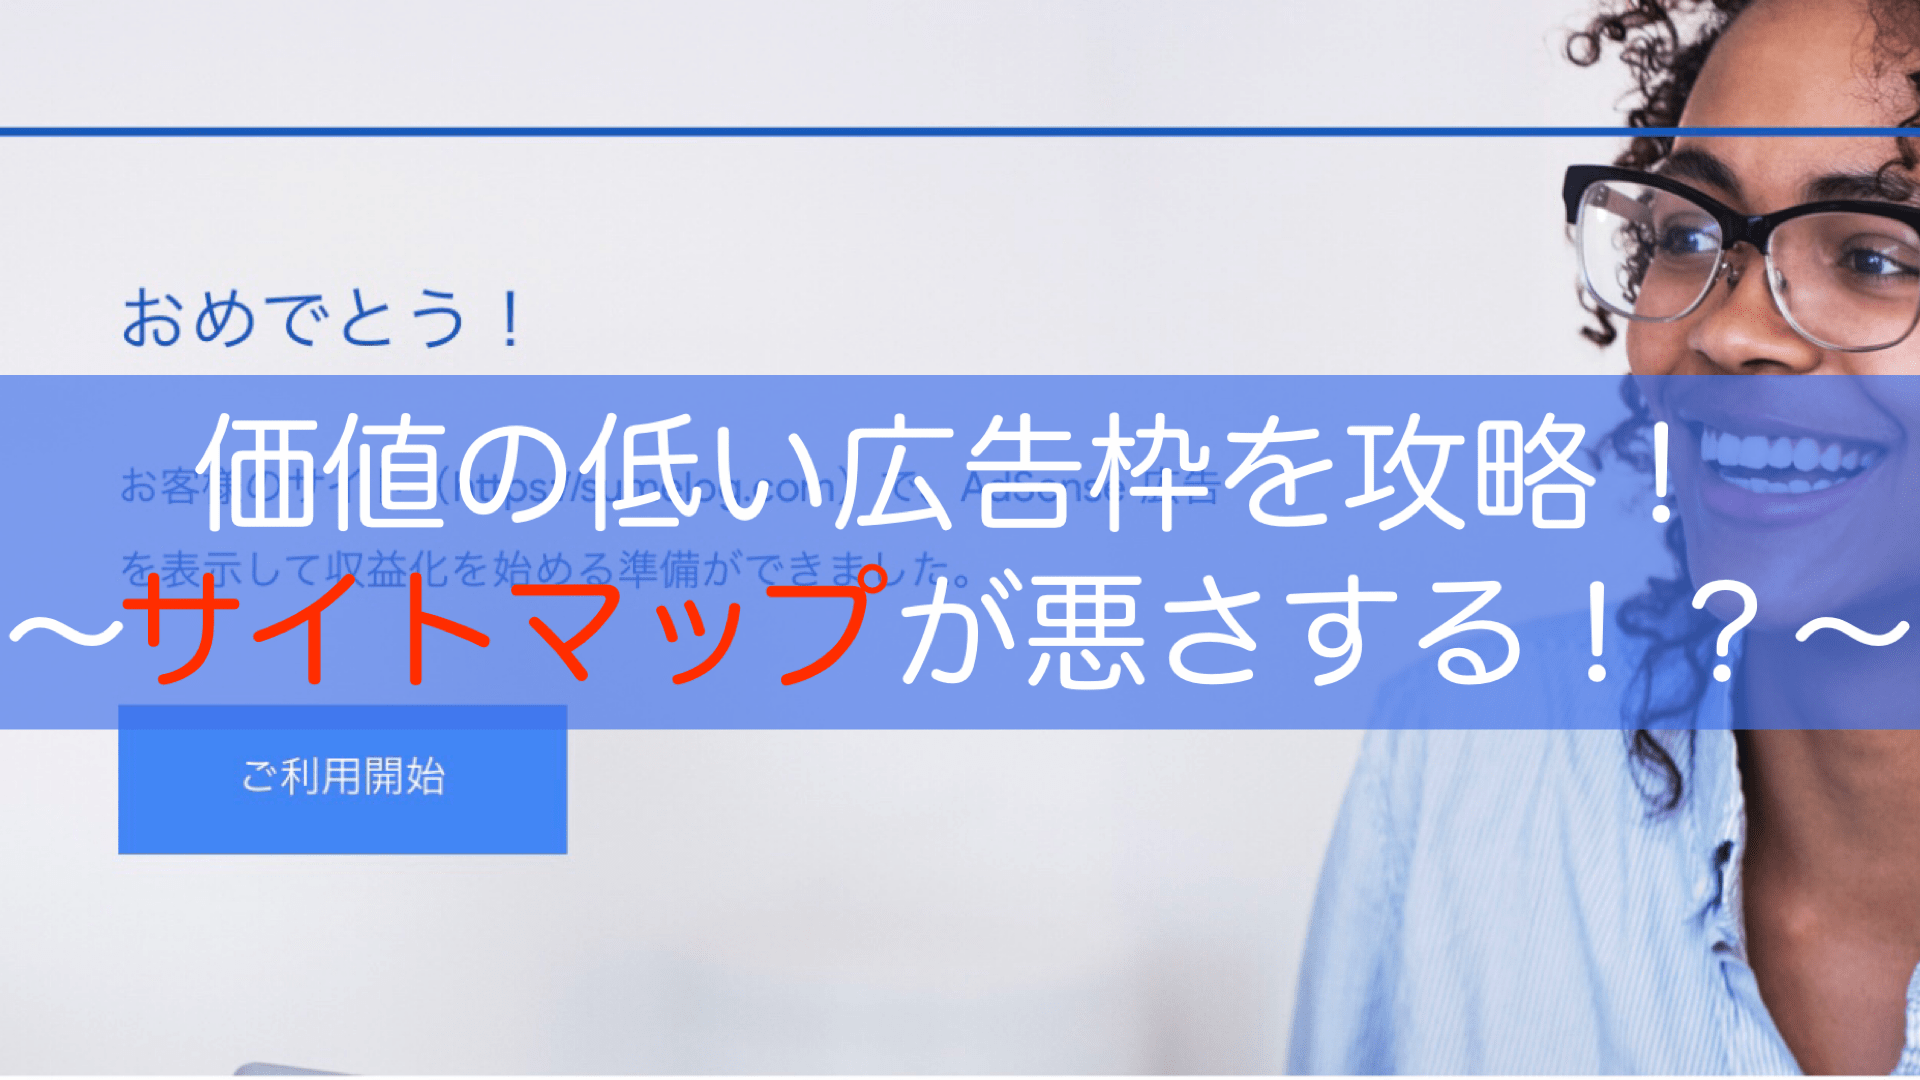 blog - Google AdSenseの審査での「価値のない広告枠」攻略:すめログ編